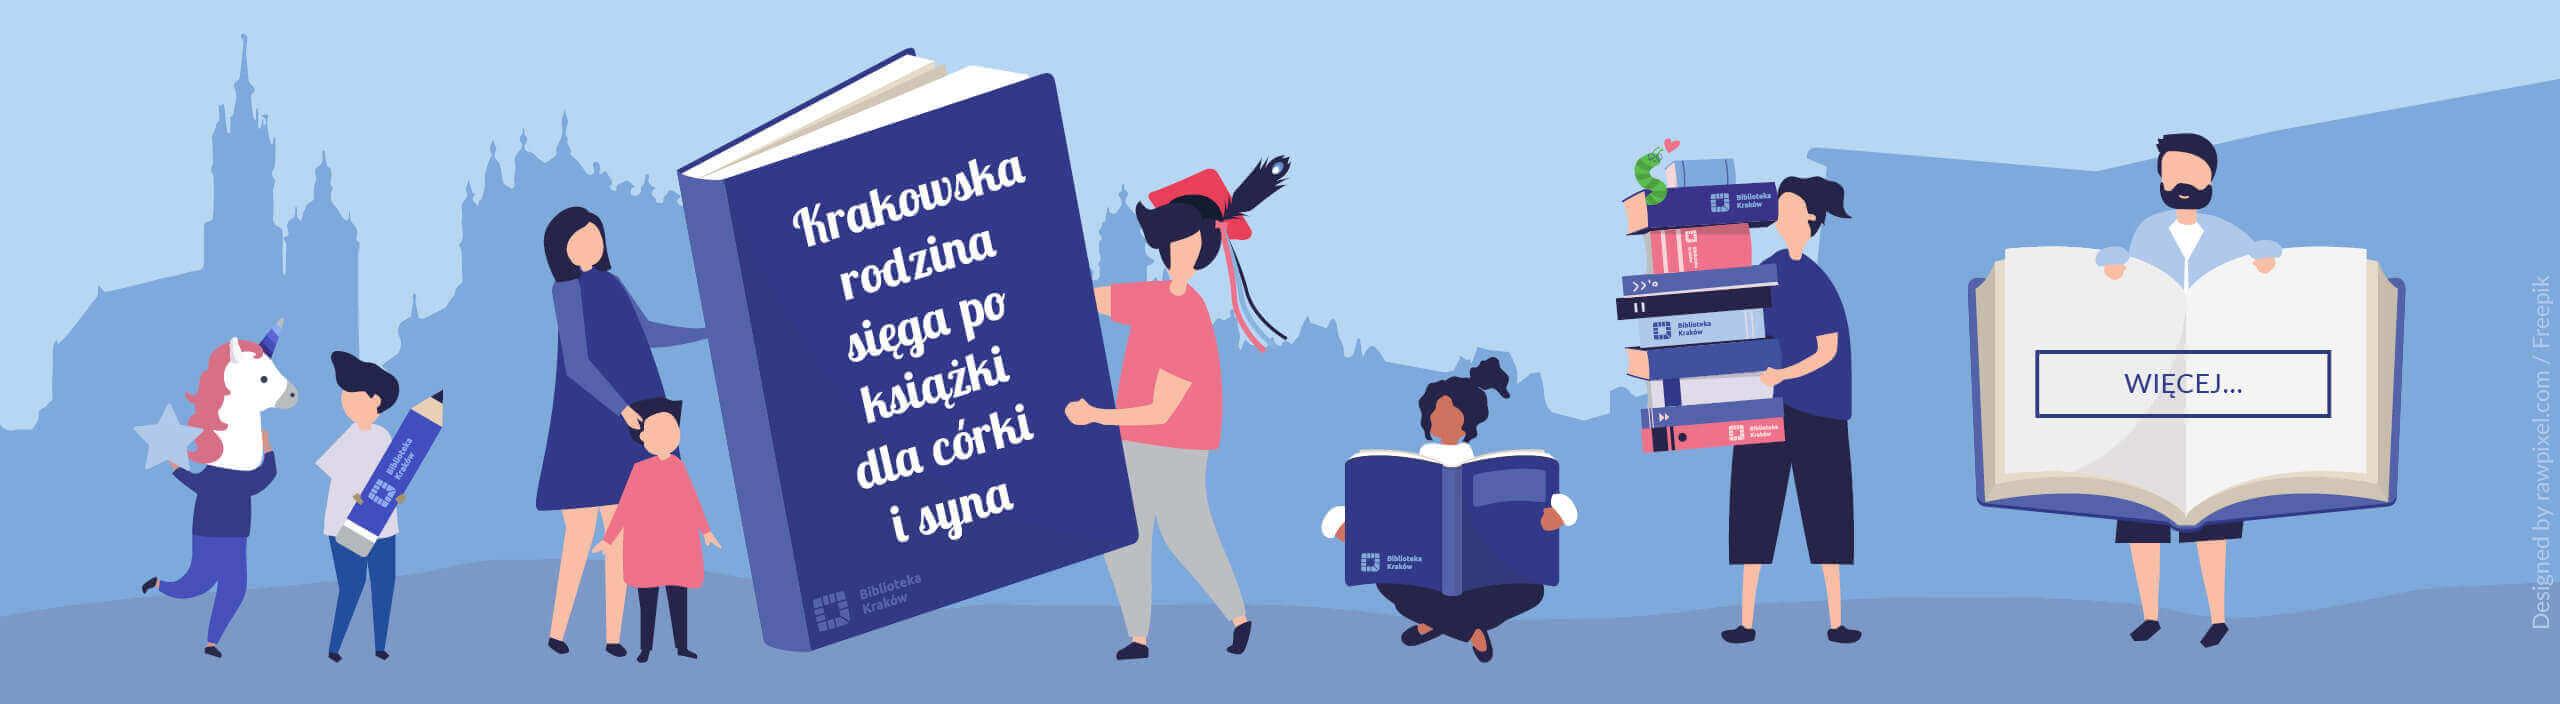 Projekt Krakowska rodzina sięga po książki dla córki i syna